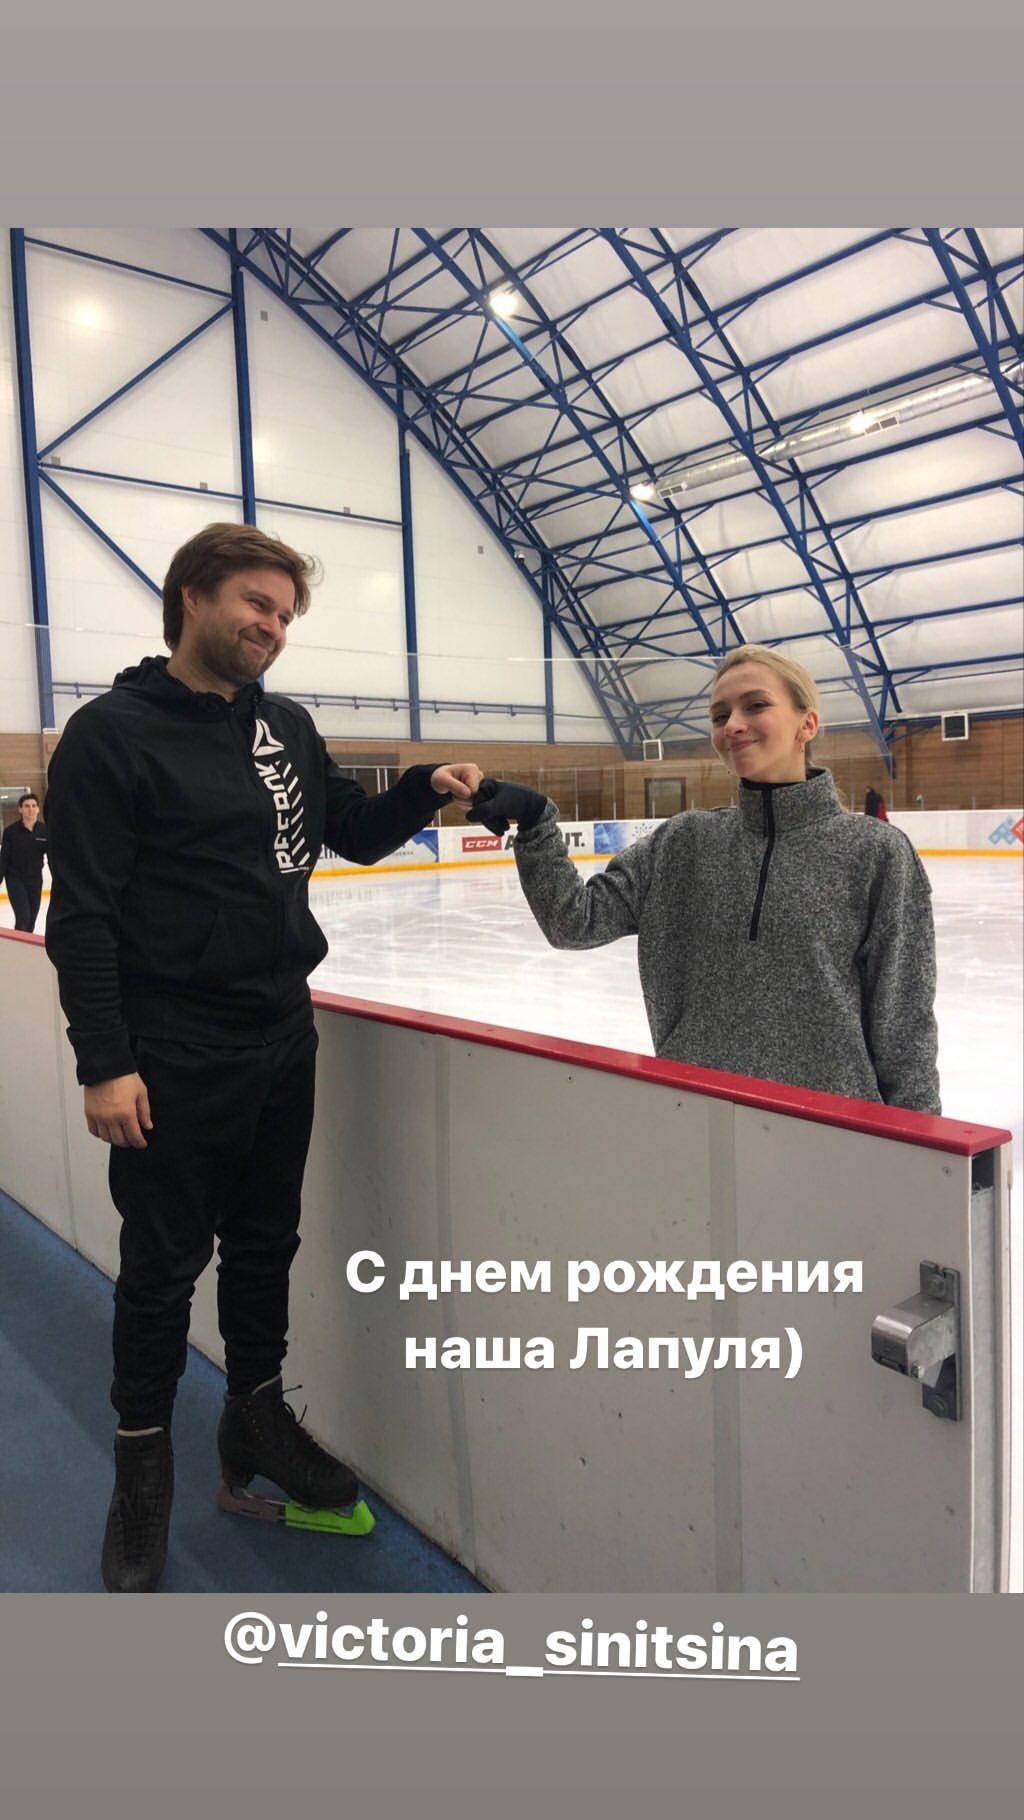 https://i.ibb.co/cwYM8Z8/Story-Saver-Org-ionov-dmitry-178618233-522126369155094-2430946822846831952-n.jpg